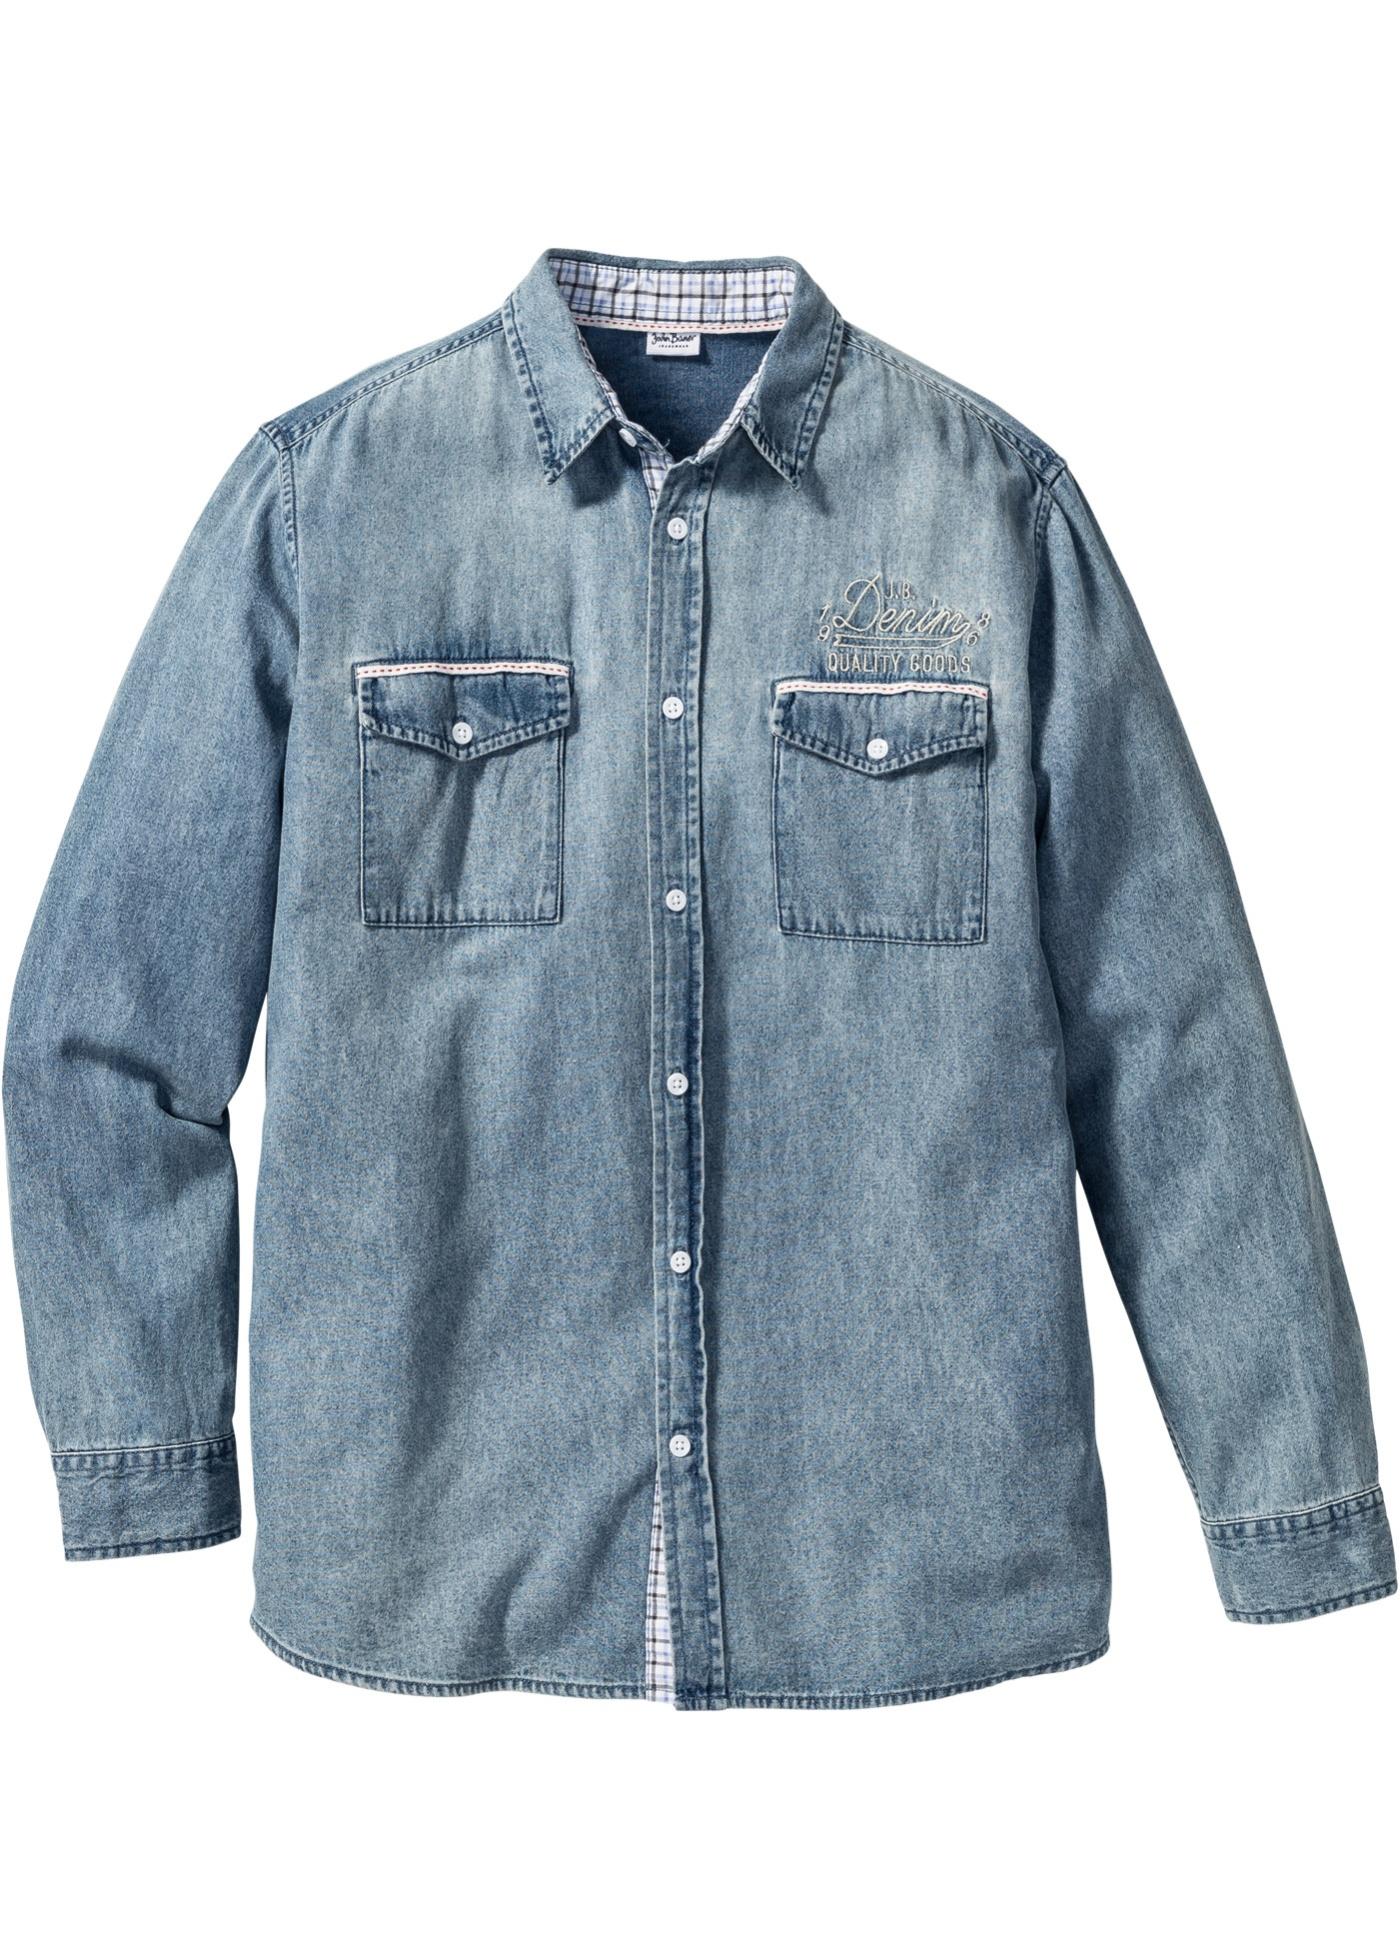 Chemise Jean Longue pour john baner jeanswear bonprix - chemise en jean longue regular fit